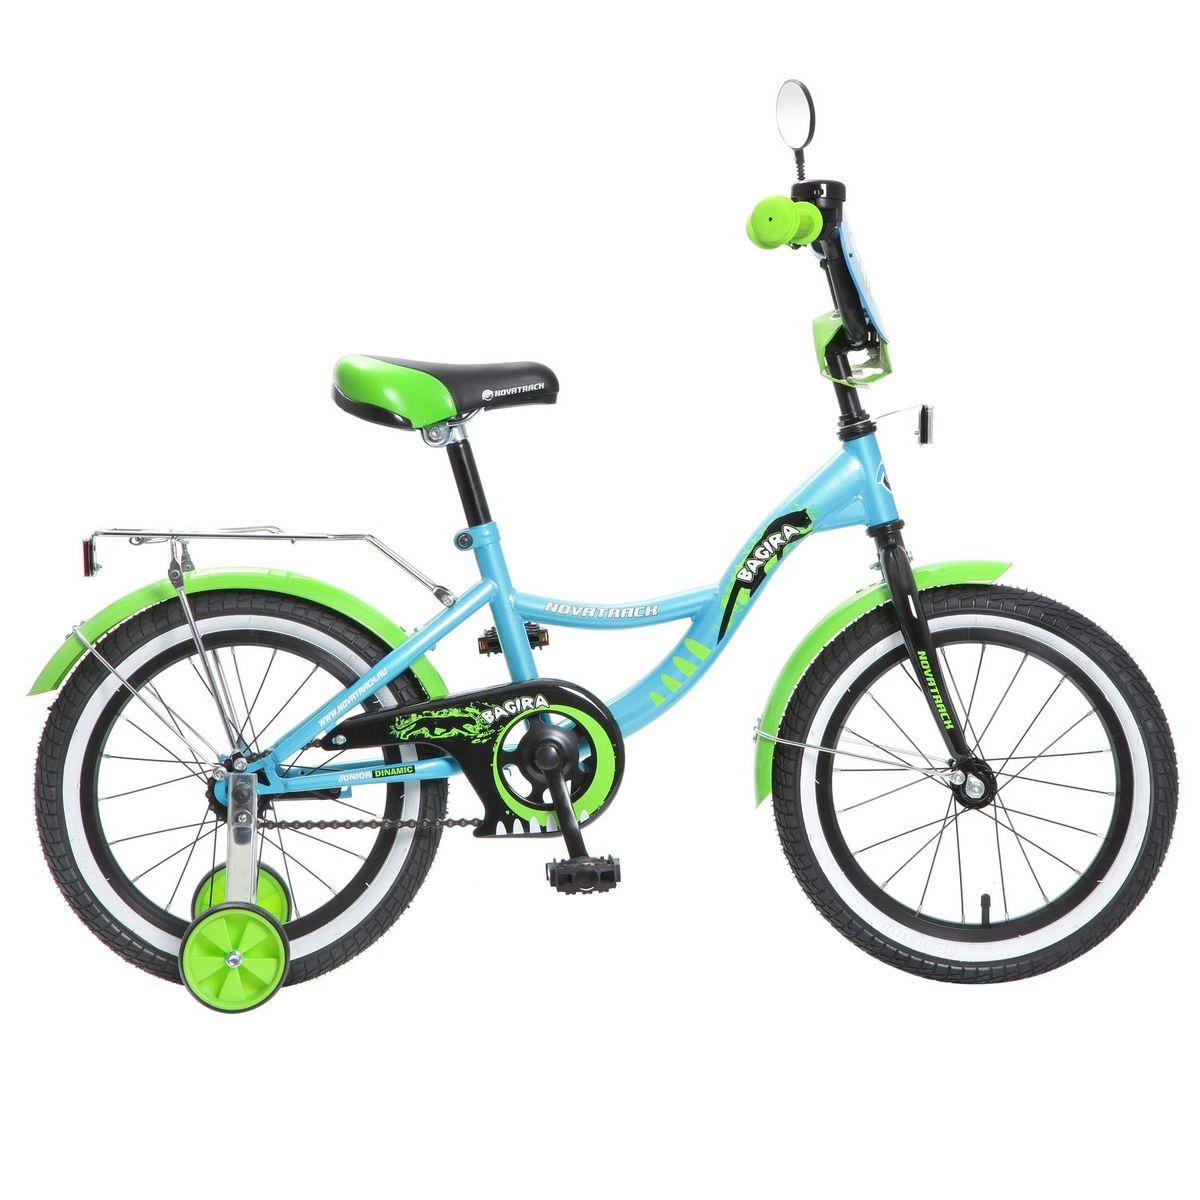 Велосипед детский Novatrack Bagira 16, цвет: синий143NEPTUN.PN5ВелосипедNovatrack Bagira16-дюймовыми колесами это современный, удобный и безопасный велосипед для девочек от 5 до 7 лет. Велосипед укомплектовали мягким регулируемым седлом, которое беспечит удобную посадку во время катания. Руль велосипеда также регулируется по высоте и наклону, благодаря чему велосипед прослужит ребенку не один год. Данная модель маневренна и легка в управлении, поэтому ребенку будет просто и интересно учиться кататься на велосипеде. По бокам имеются съемные дополнительные колеса, которые нужны до тех пор, пока ребенок не почувствует себя уверенно. Быстро затормозить поможет ножной тормоз. Для перевозки девчачих аксессуаров и всяких нужностей велосипед оснастили багажником. На руле установлен звонкий гудок декоративный щиток и зеркальце, без которого не может обойтись ни одна модница.Над колесами располагаются стальные крылья, которые защитят от брызг и грязи.